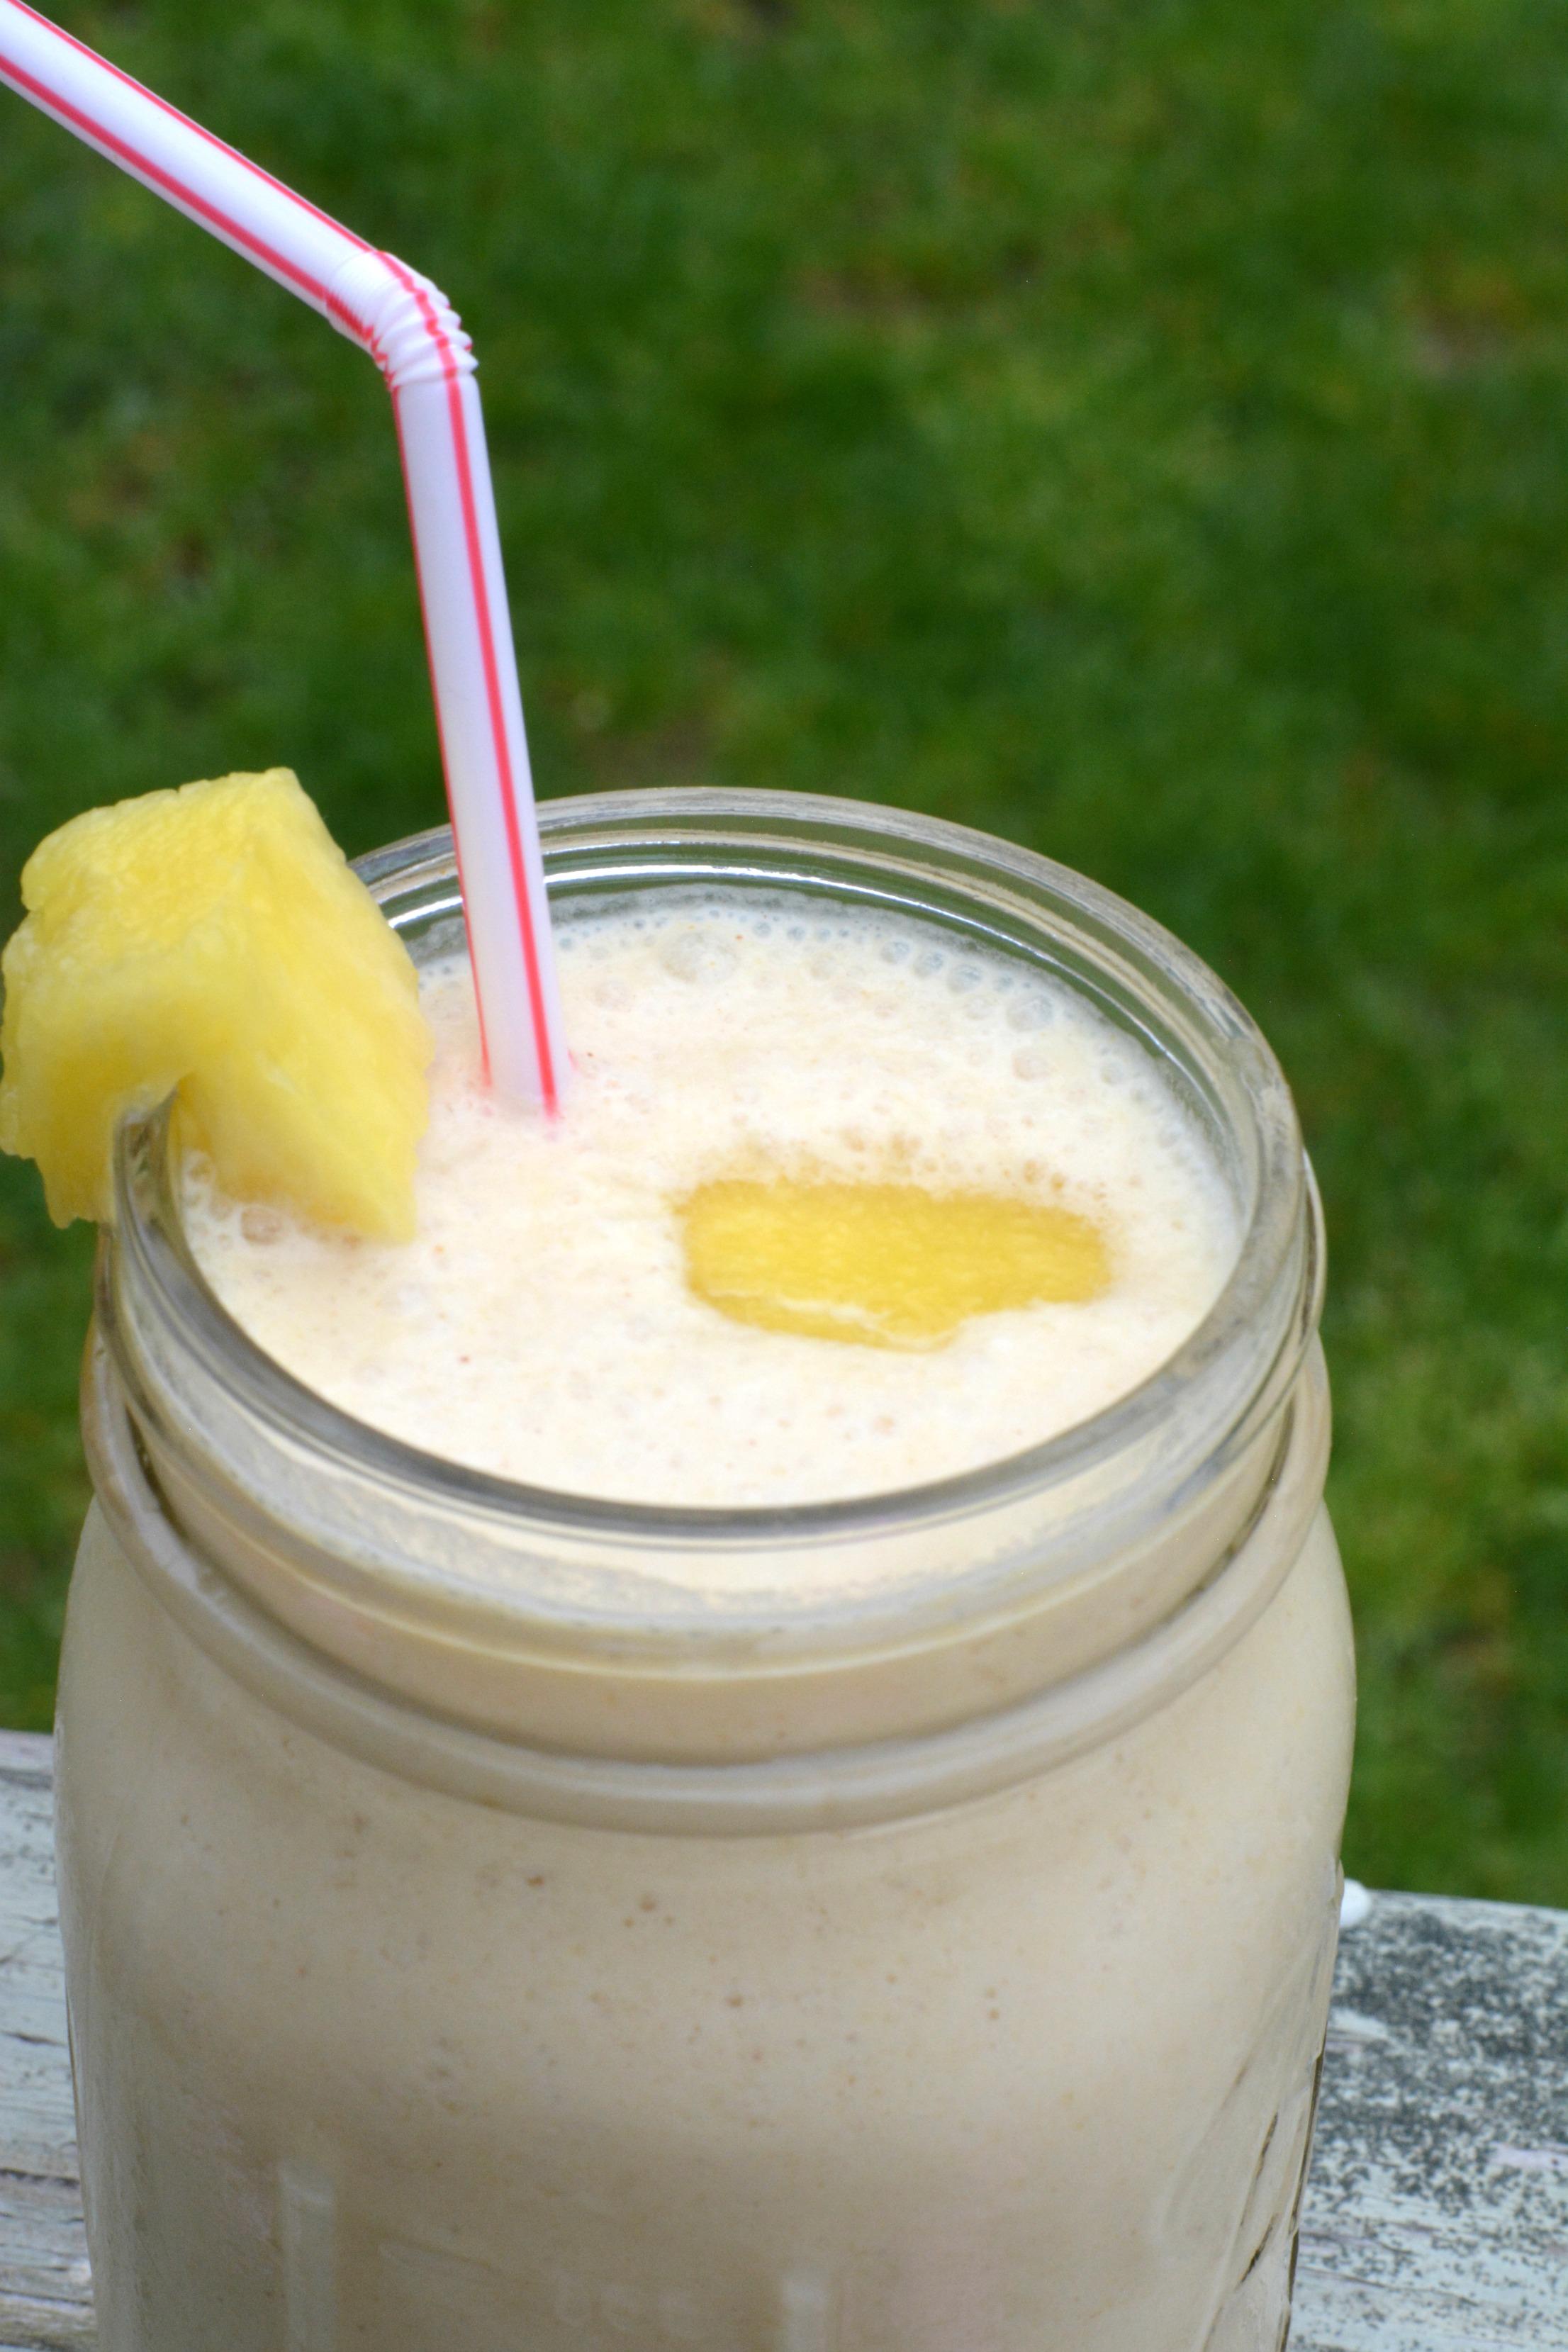 Upside down pineapple peanut butter recipe